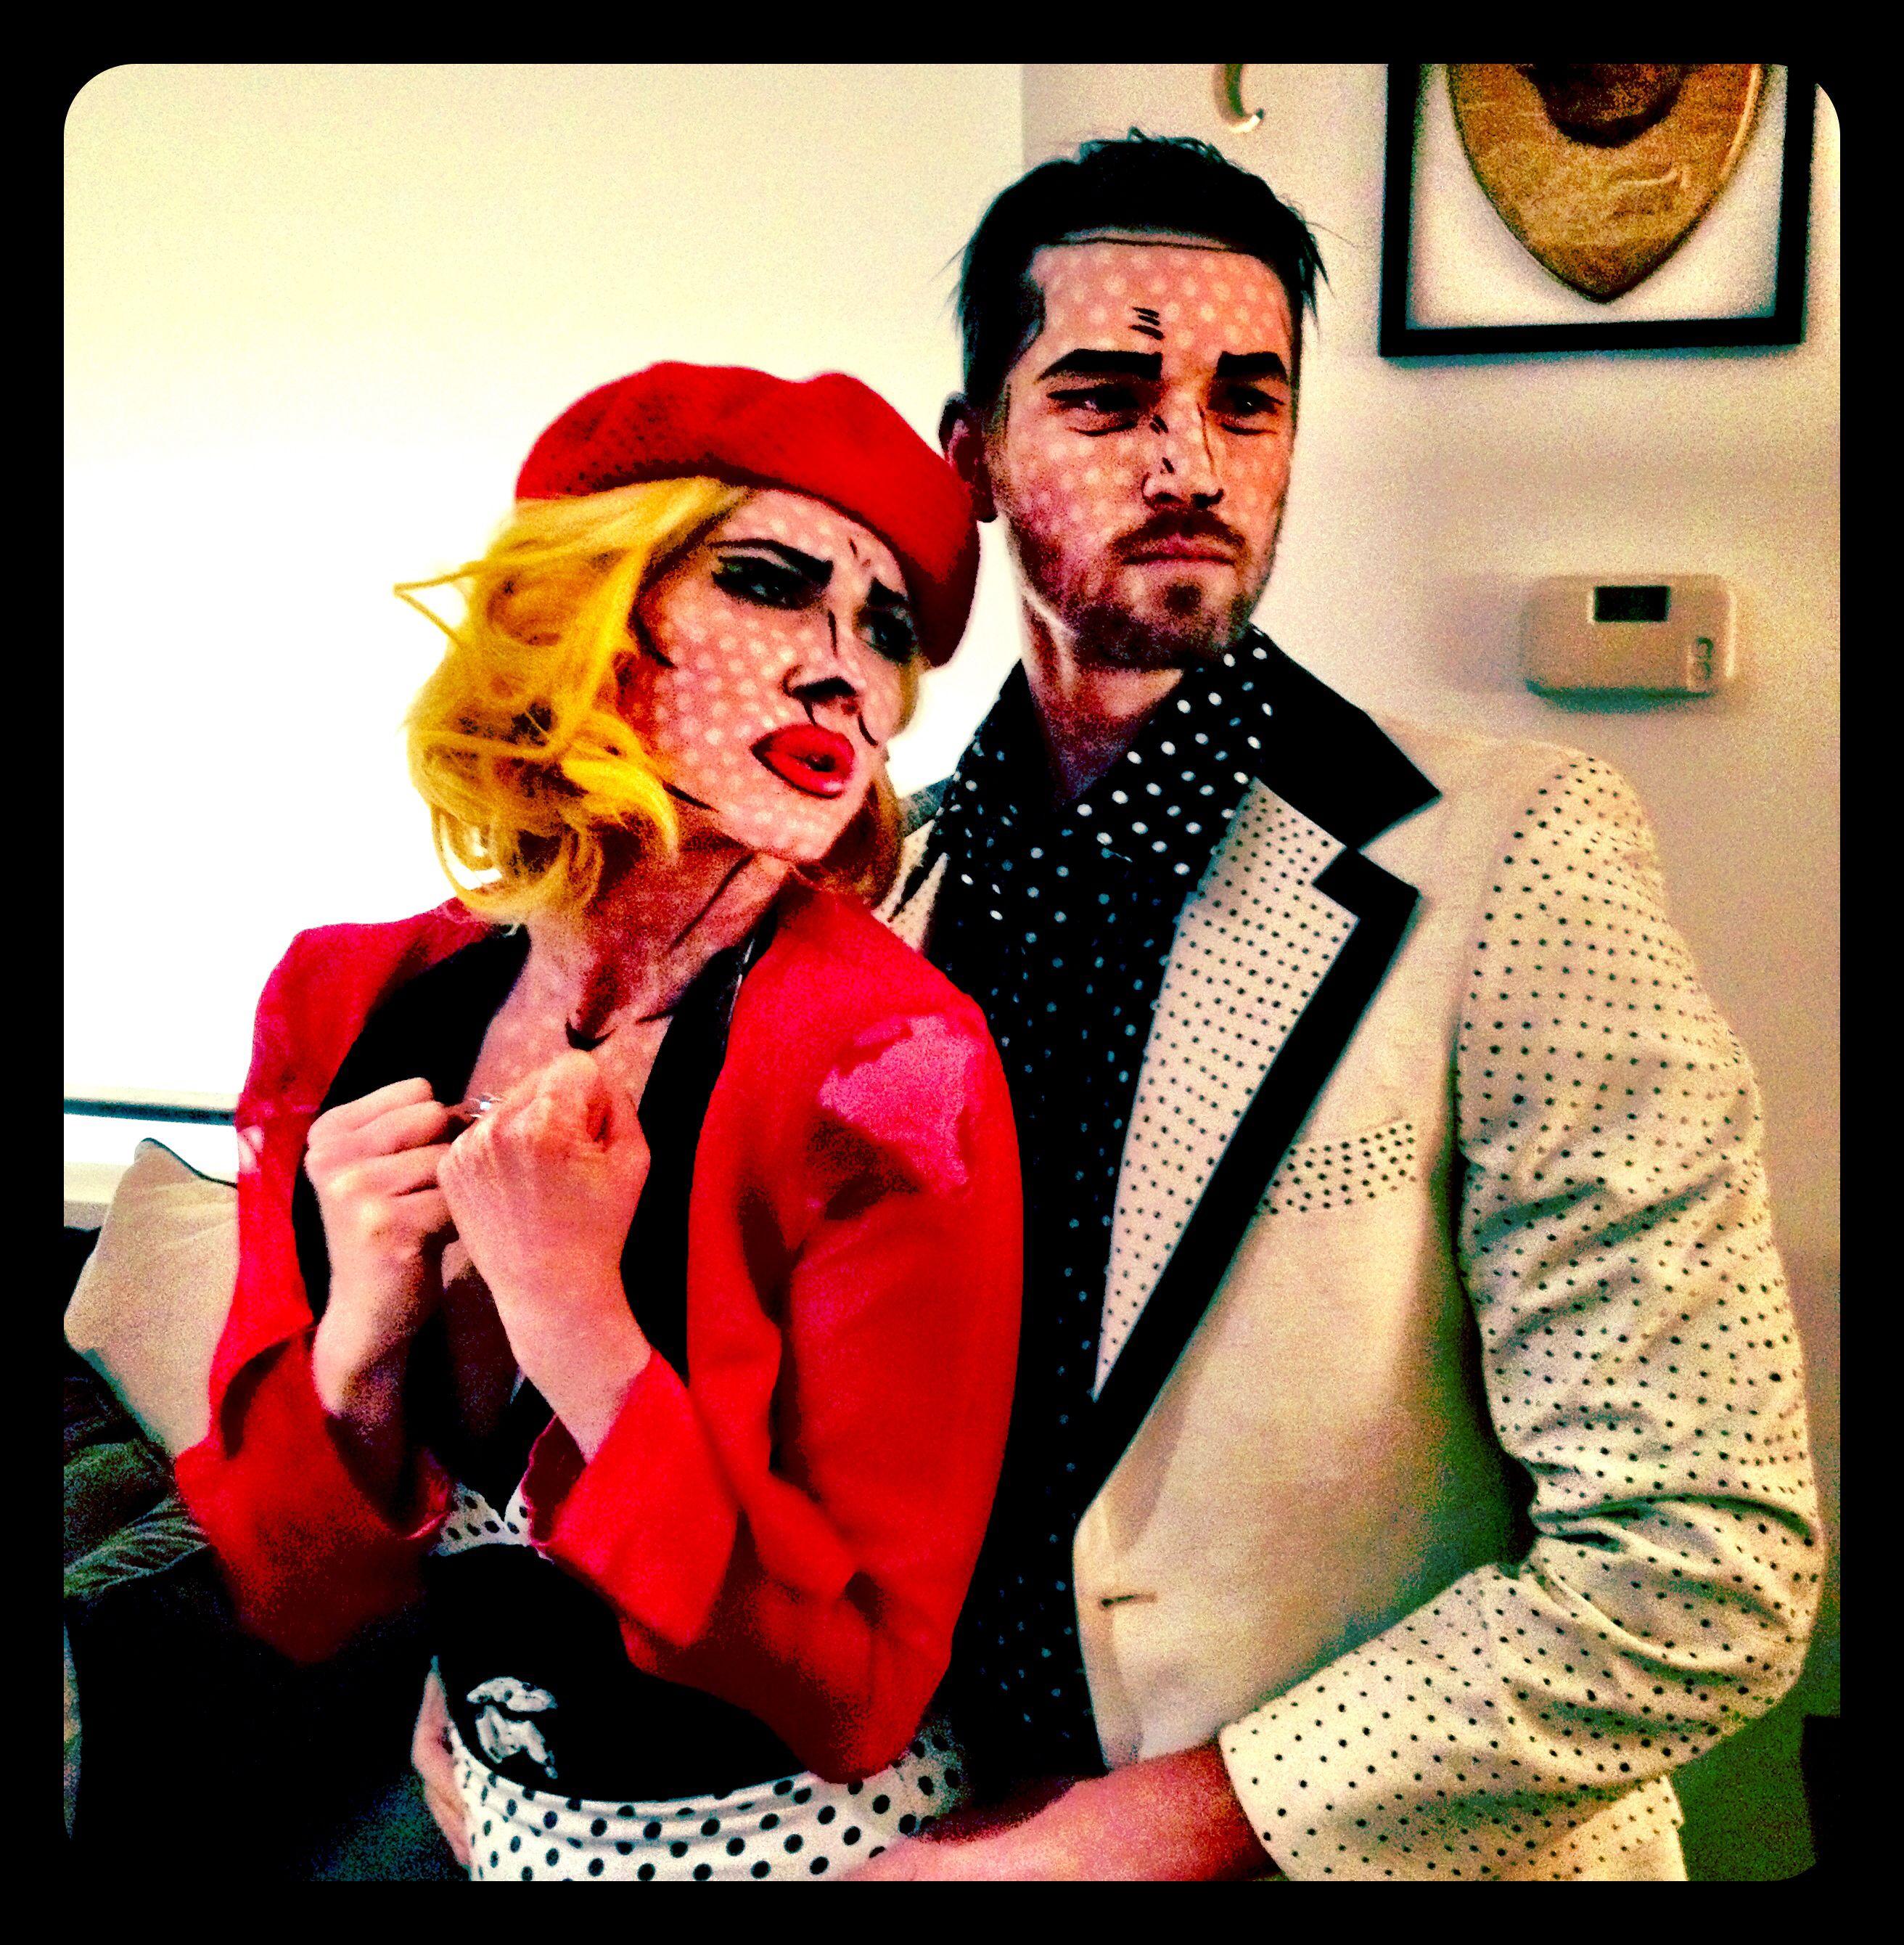 Roy Lichtenstein Halloween Costume.Roy Lichtenstein Couples Costume For Halloween Halloween